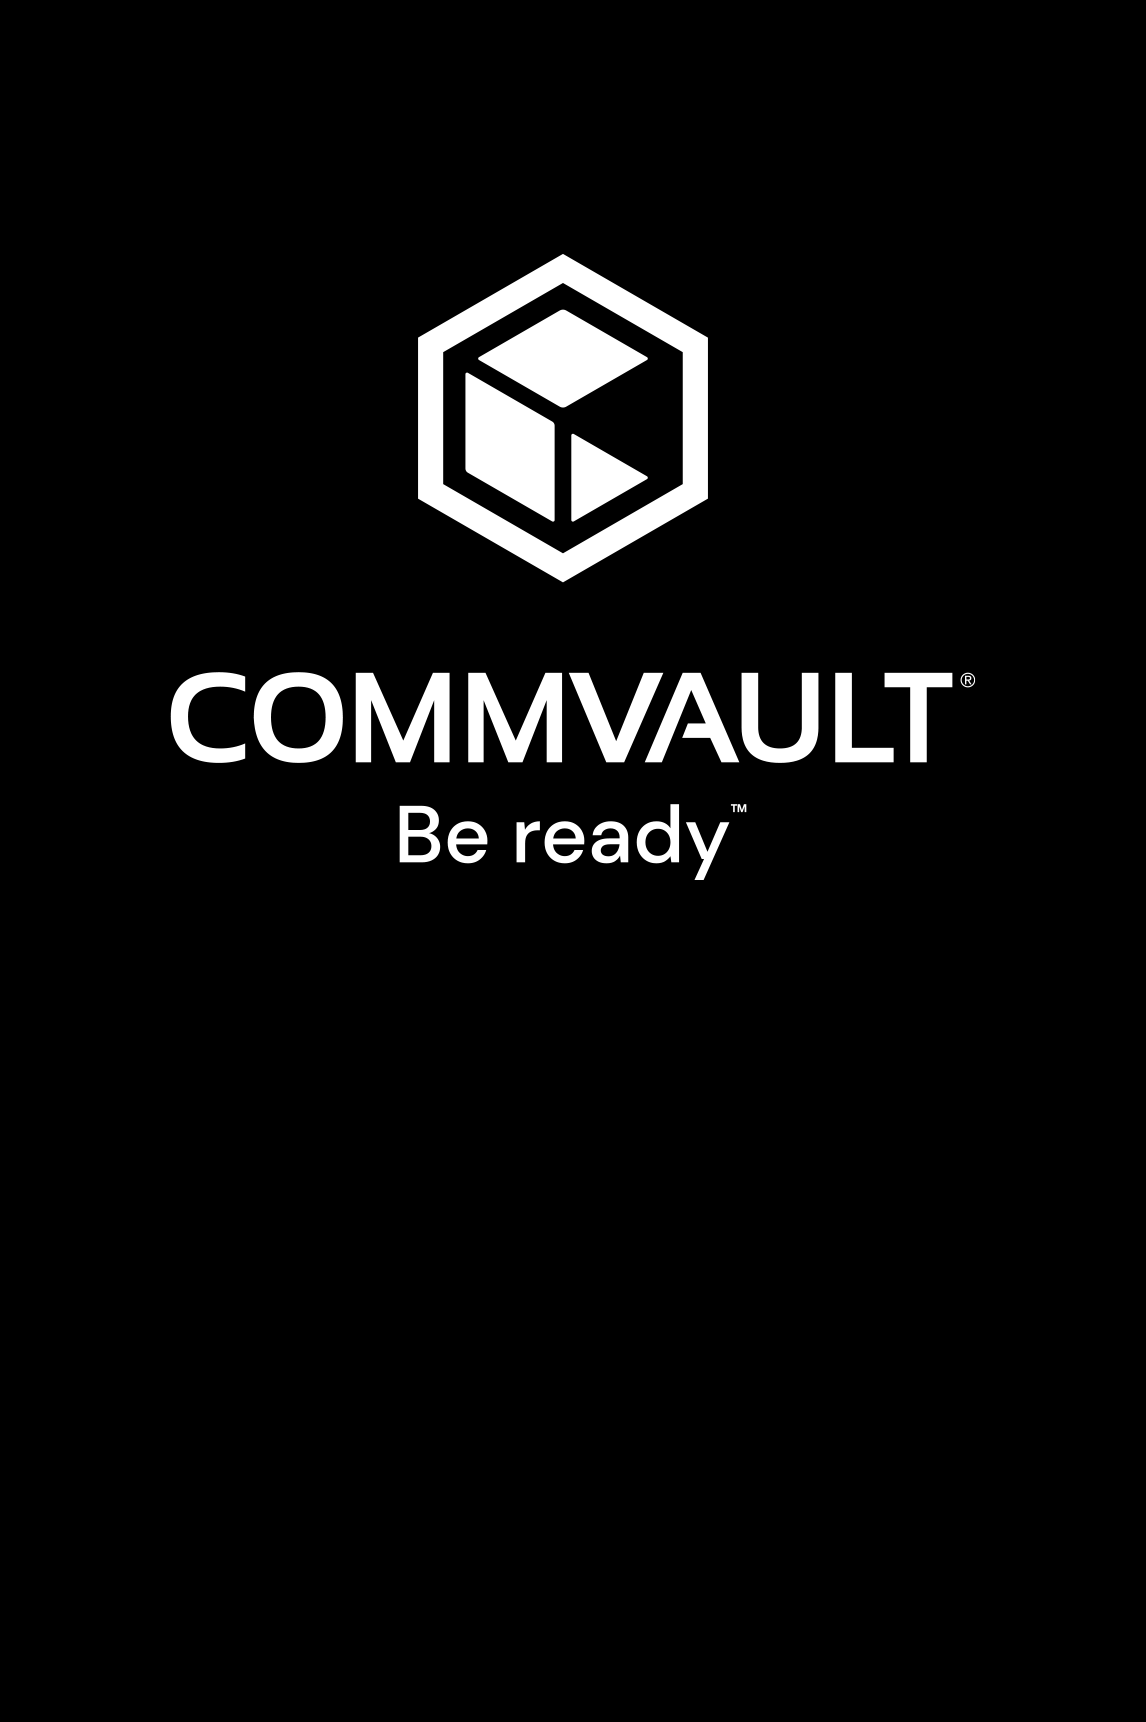 Commvault